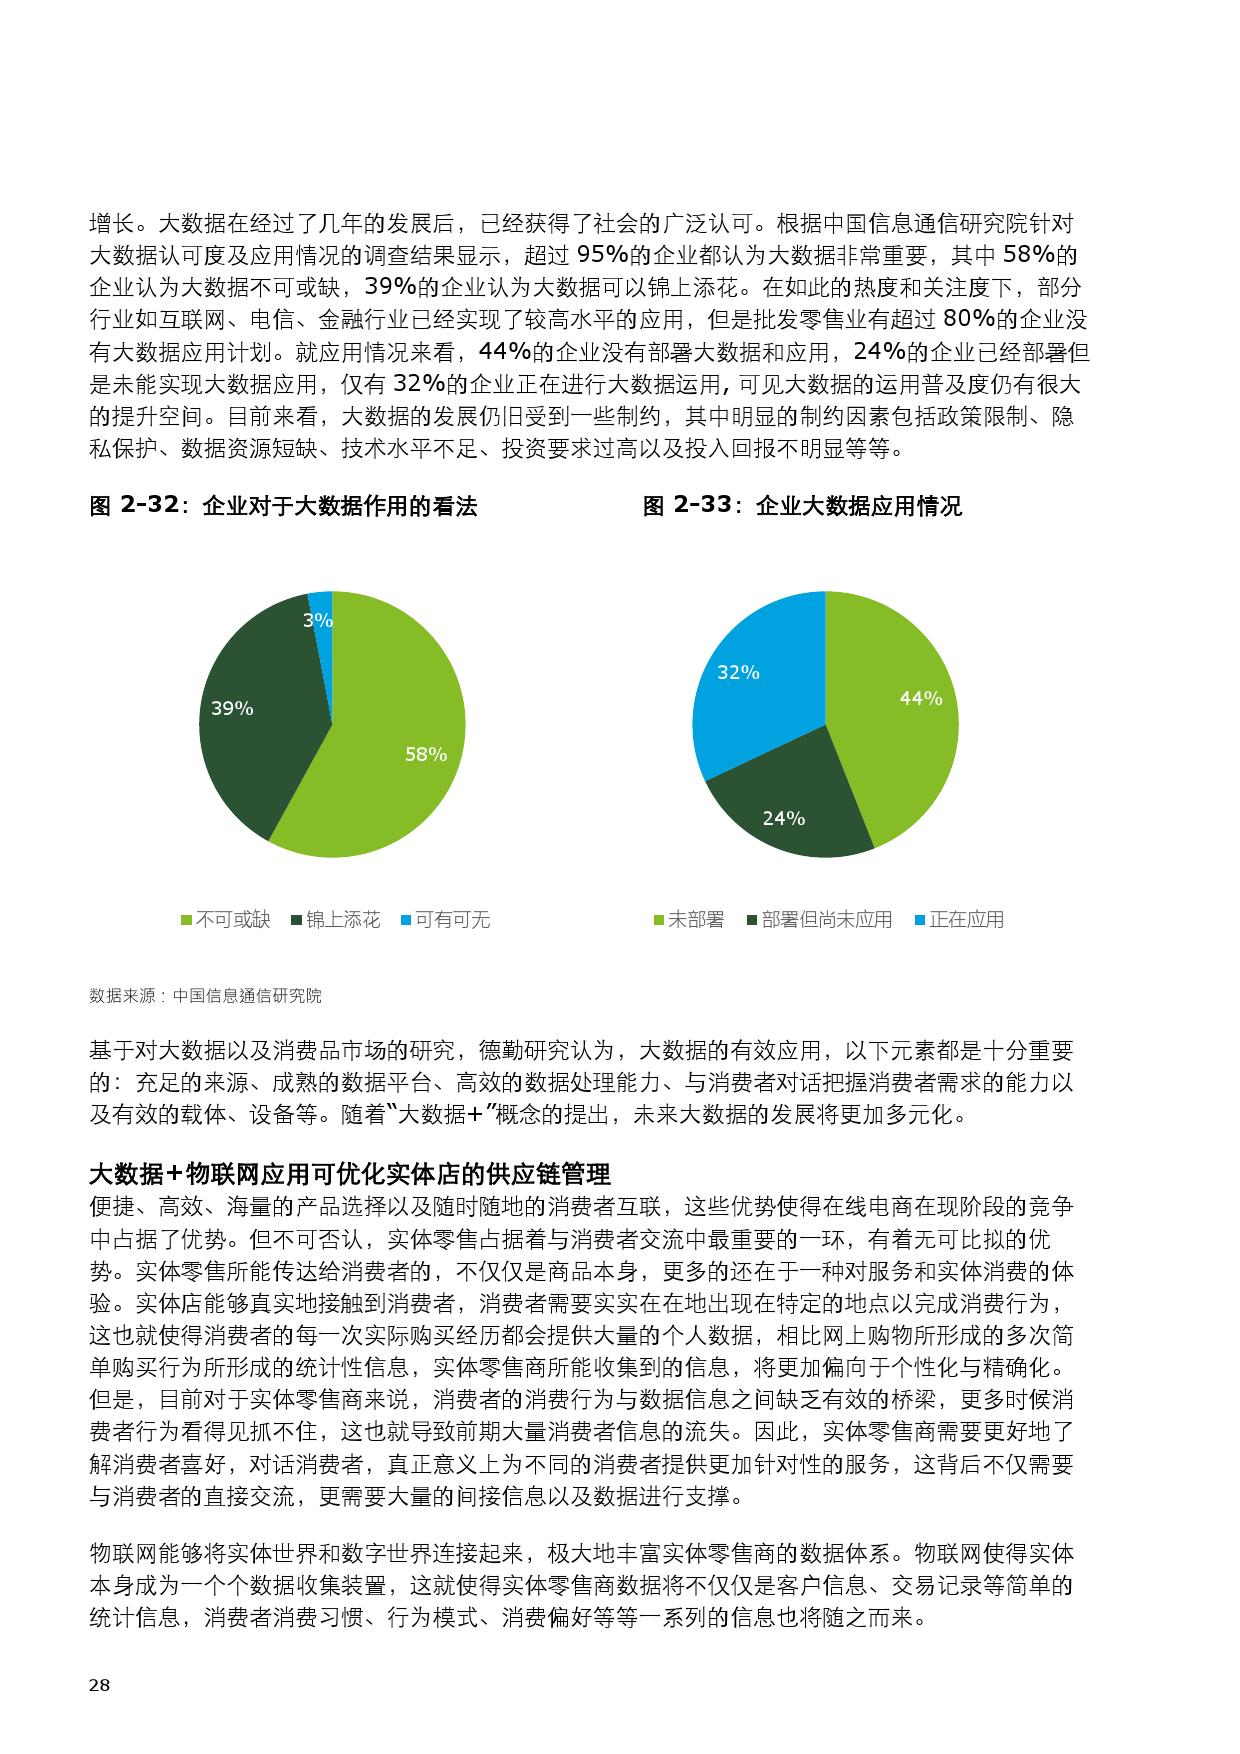 2015中国零售产业投资促进报告_000036